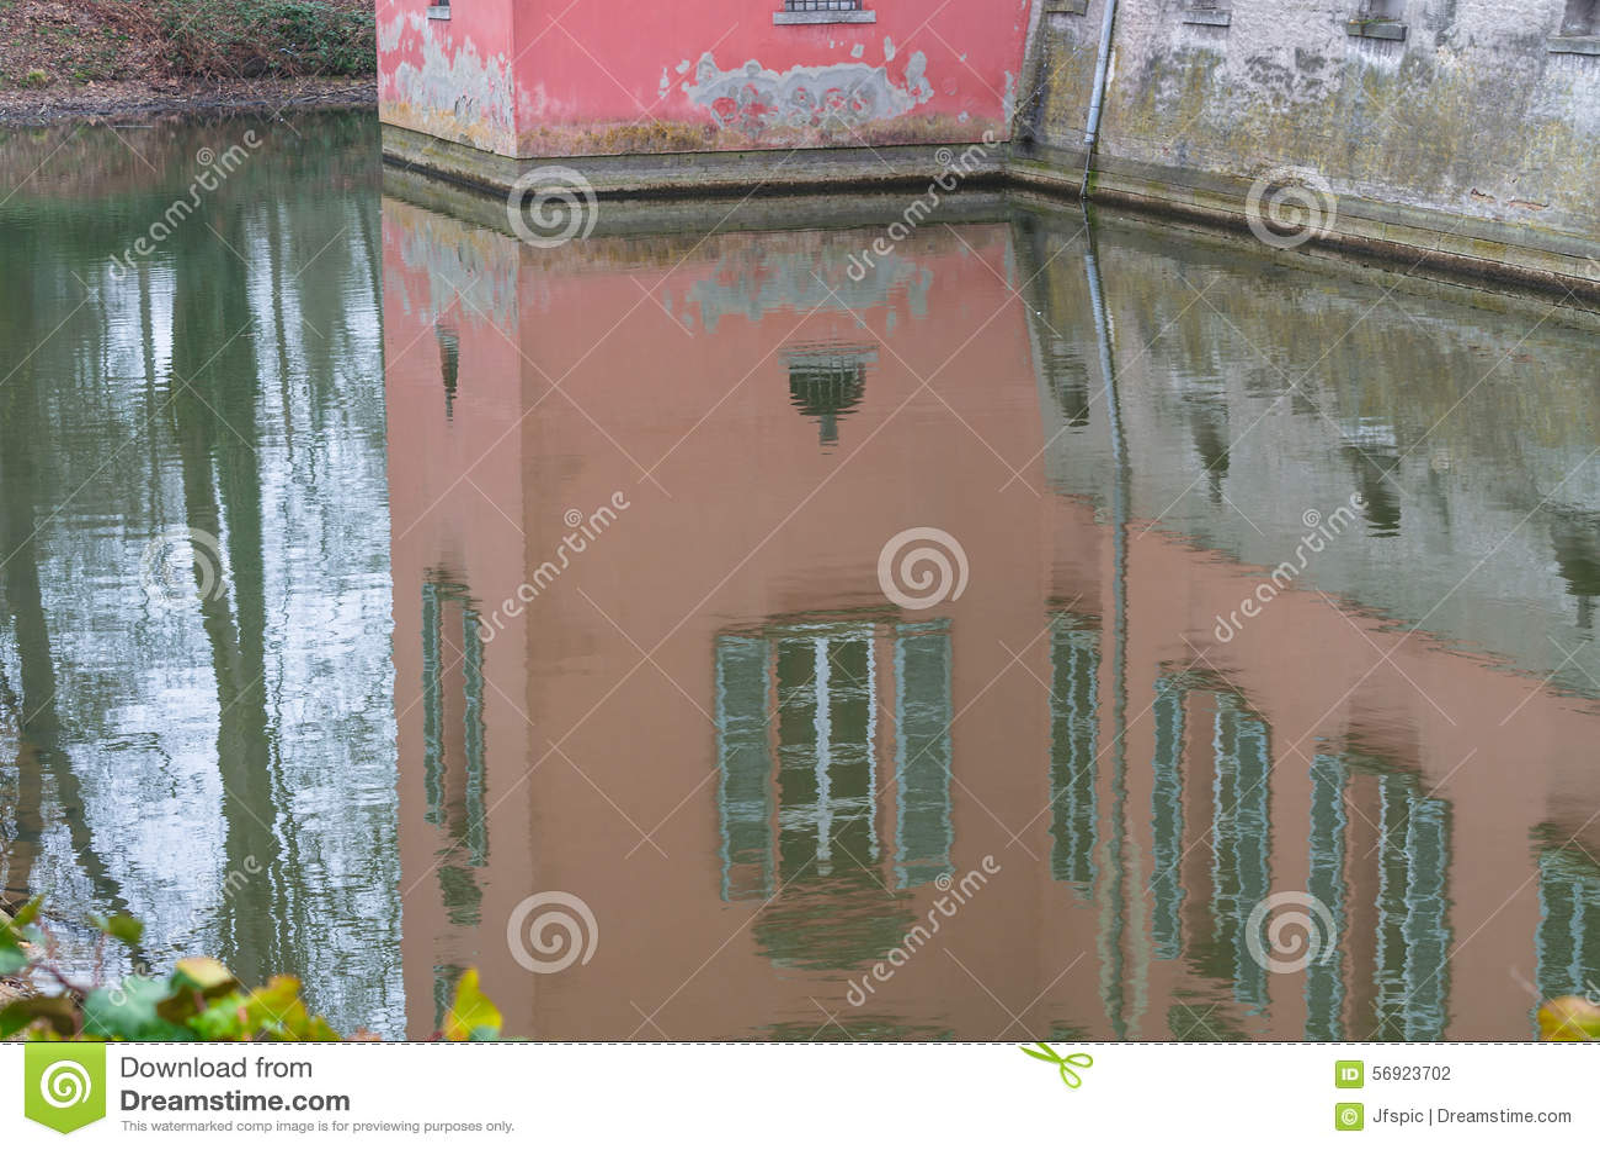 Εικόνα καθρεφτών ενός σπιτιού